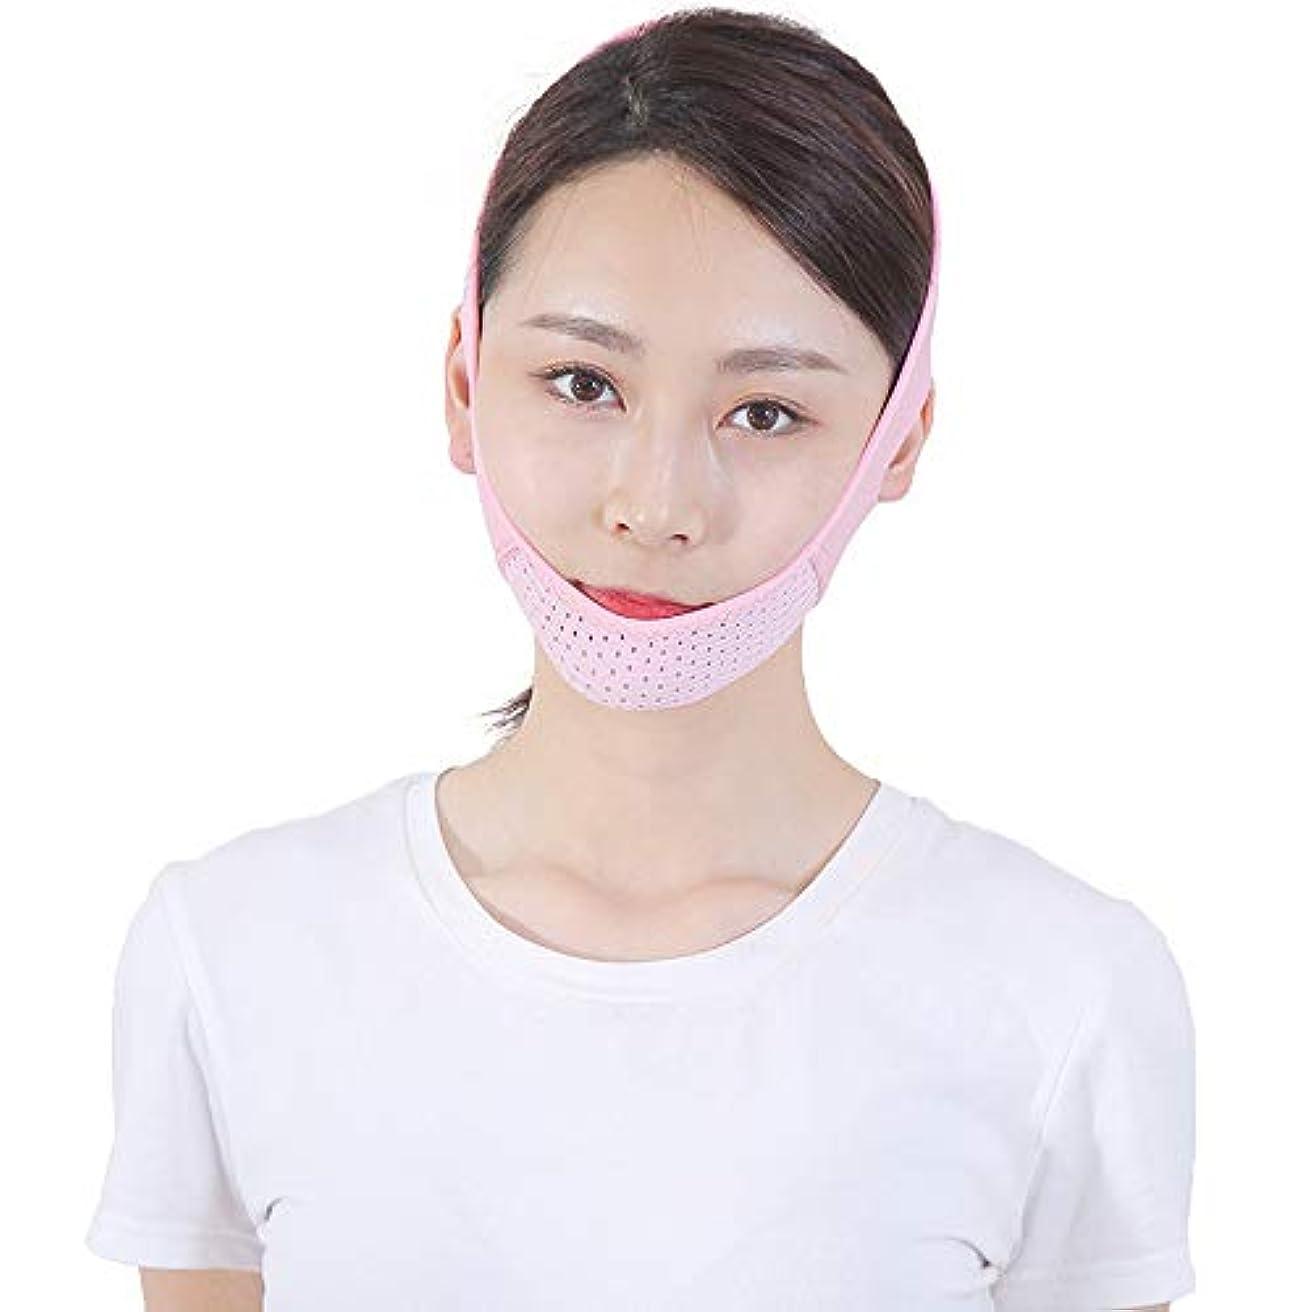 直接比較単独でフェイスリフトベルト 薄い顔のベルト - 薄い顔のベルト通気性のある顔の包帯ダブルチンの顔リフトの人工物Vのフェイスベルト薄い顔のマスク